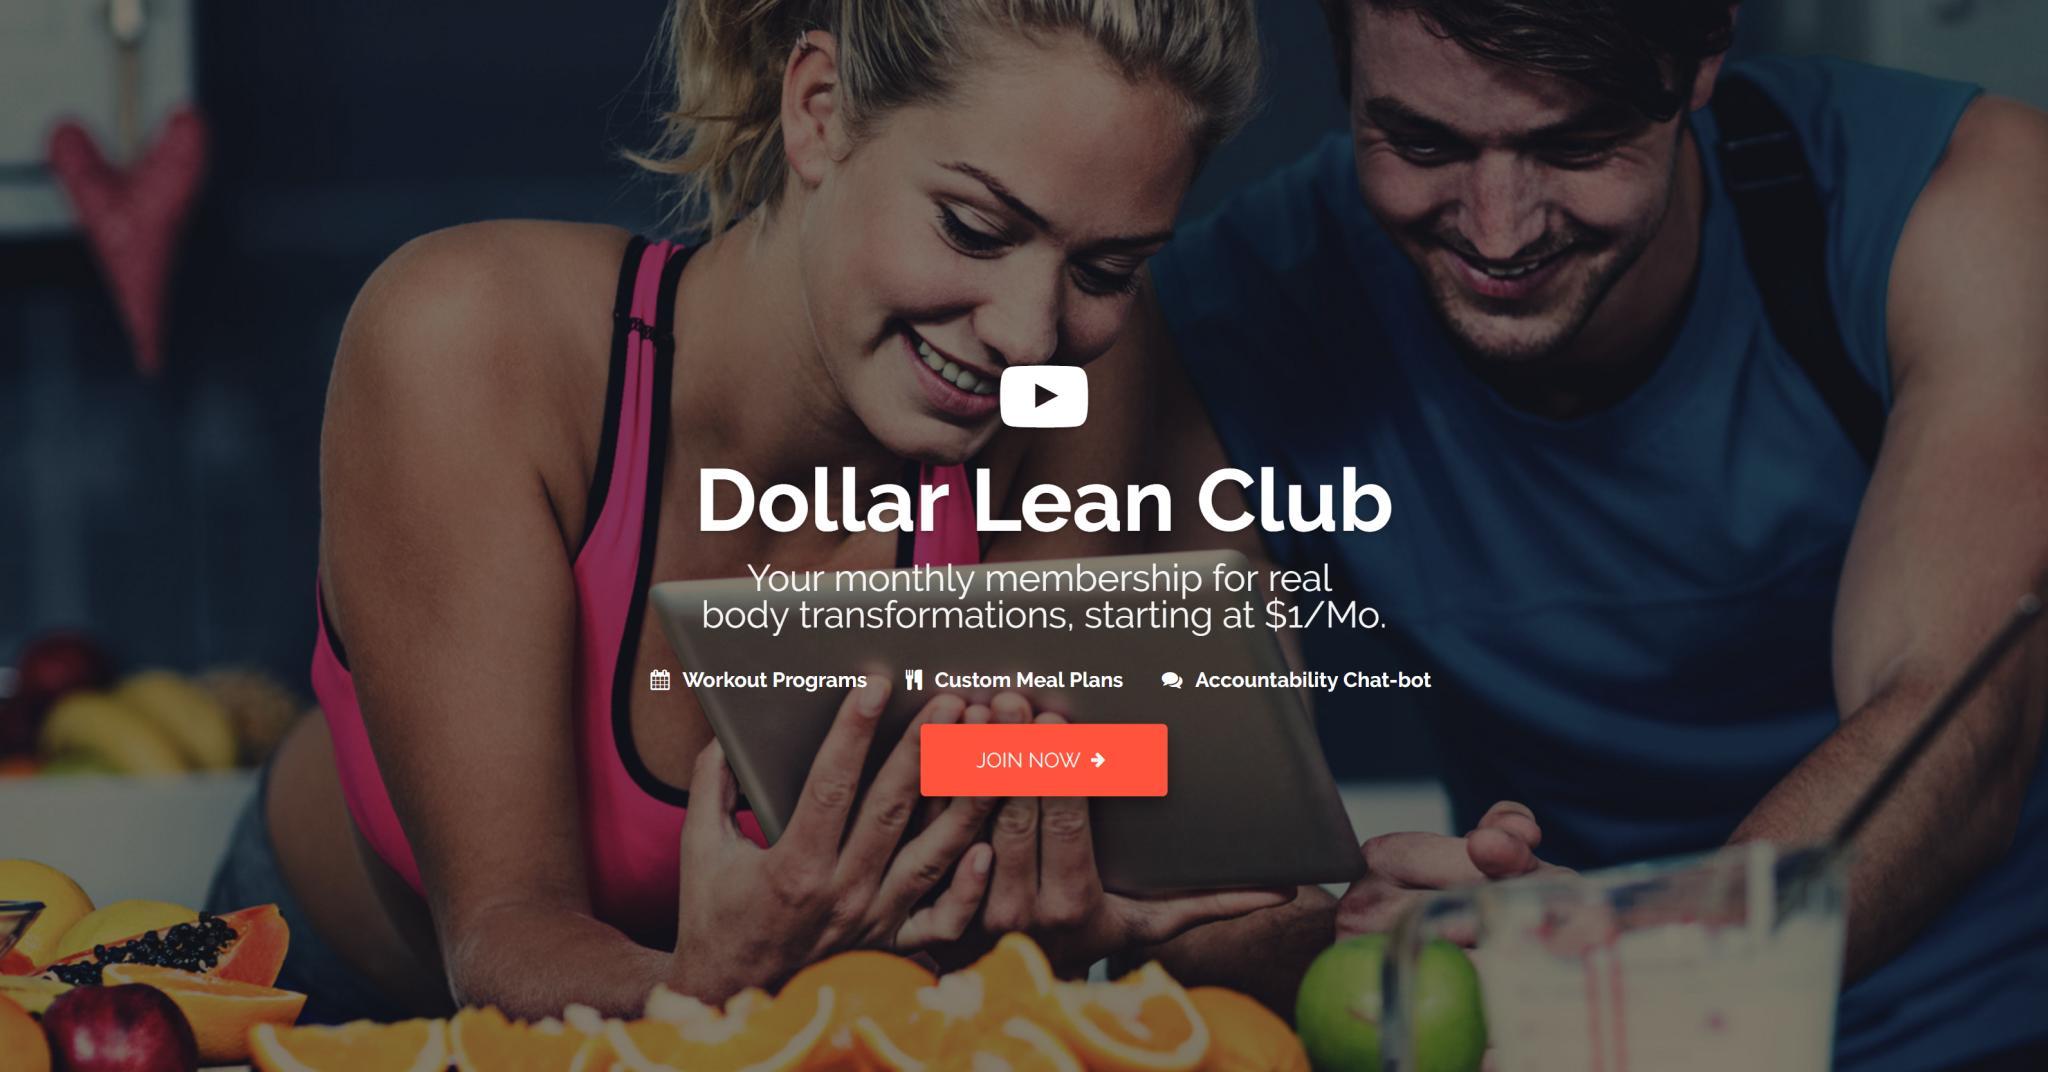 Dollar Lean Club